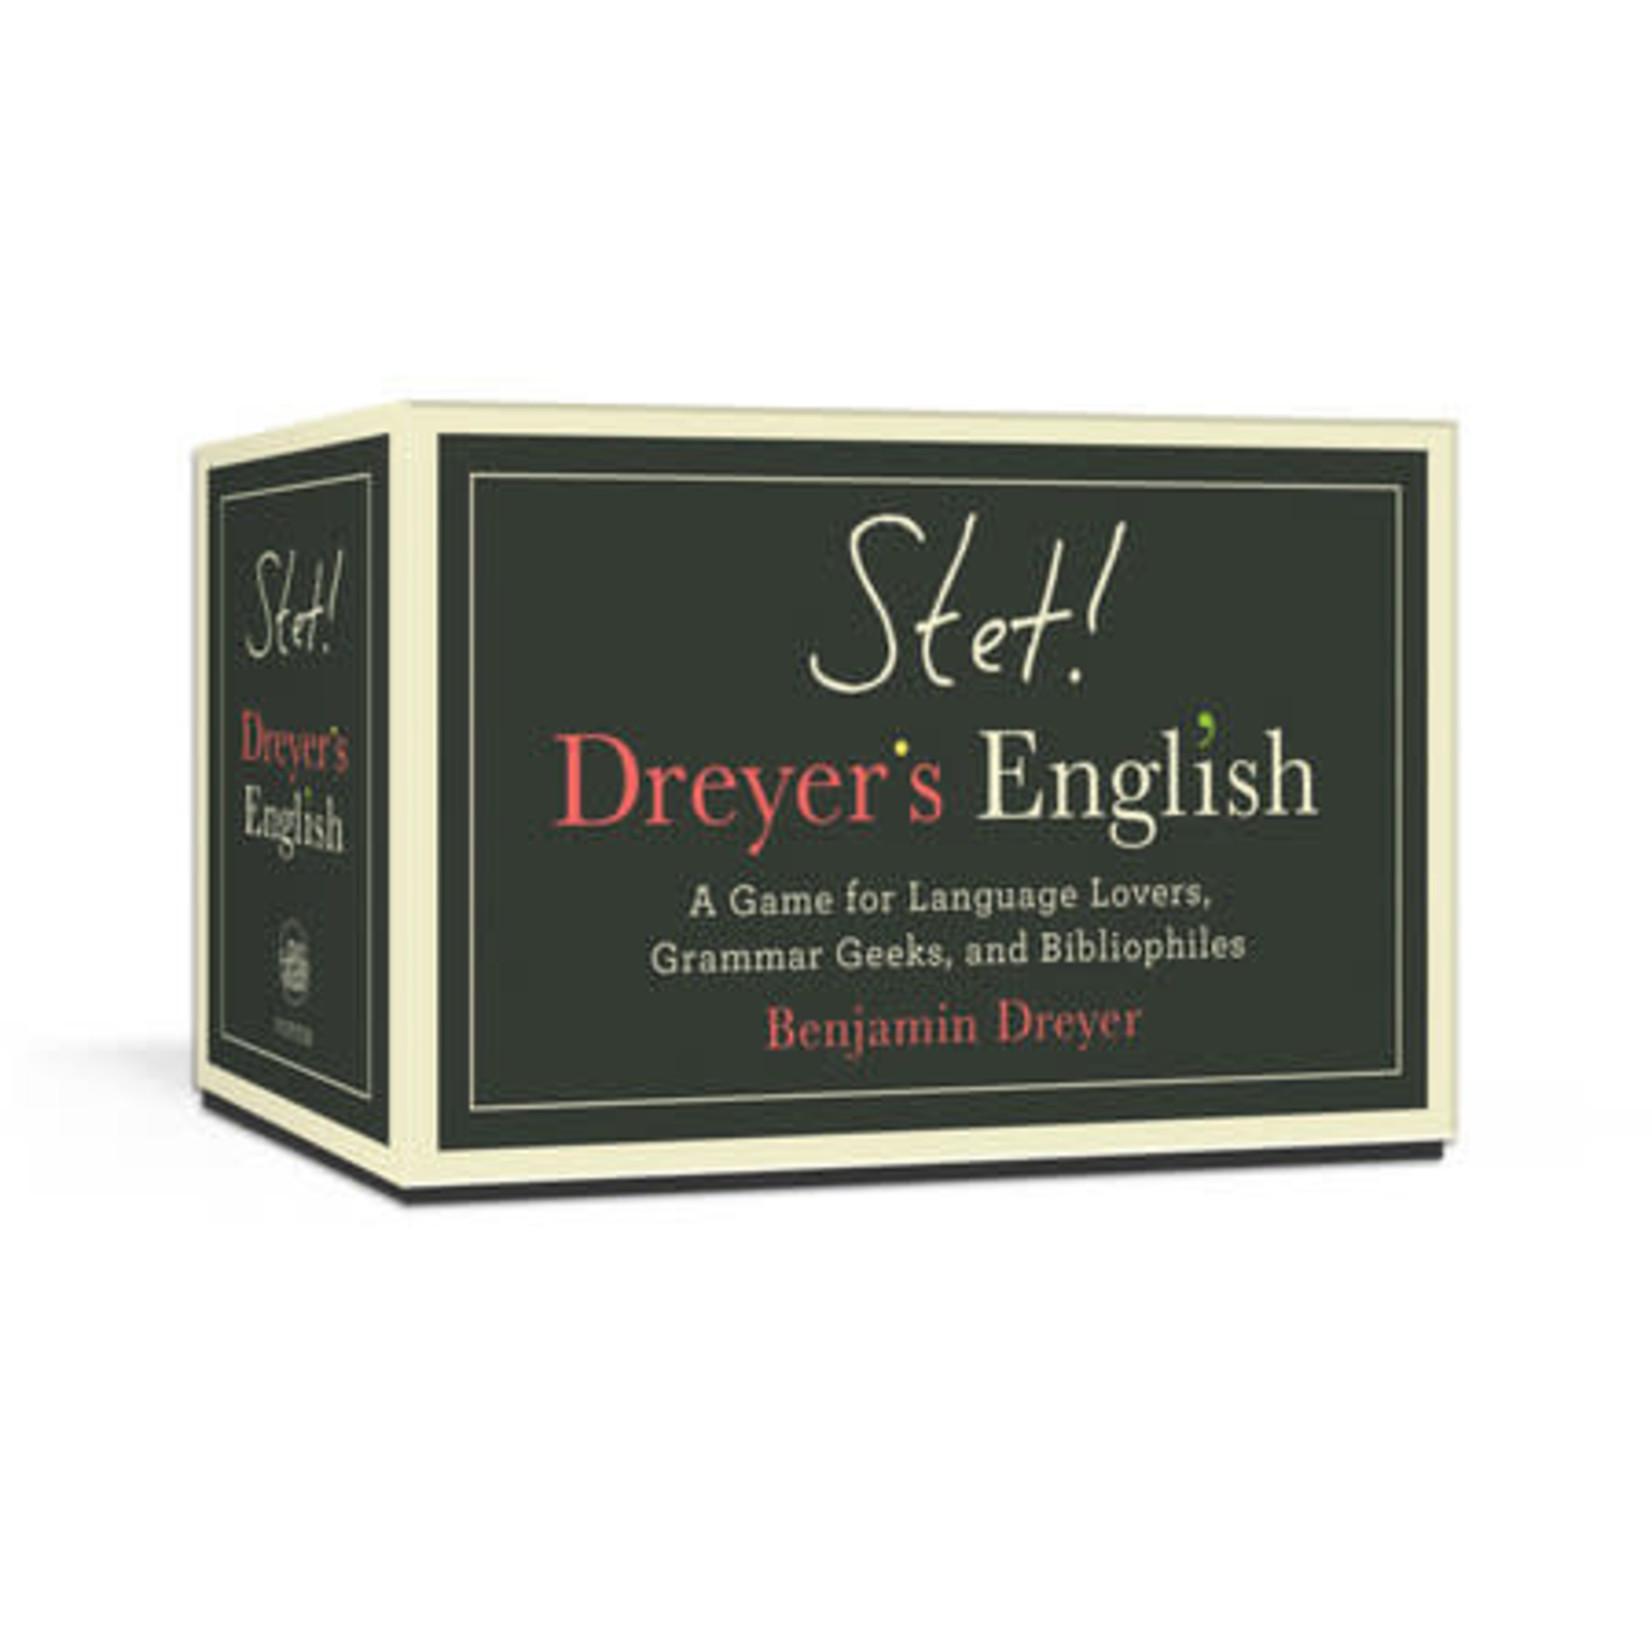 Penguin Random House Stet! Dreyer's English